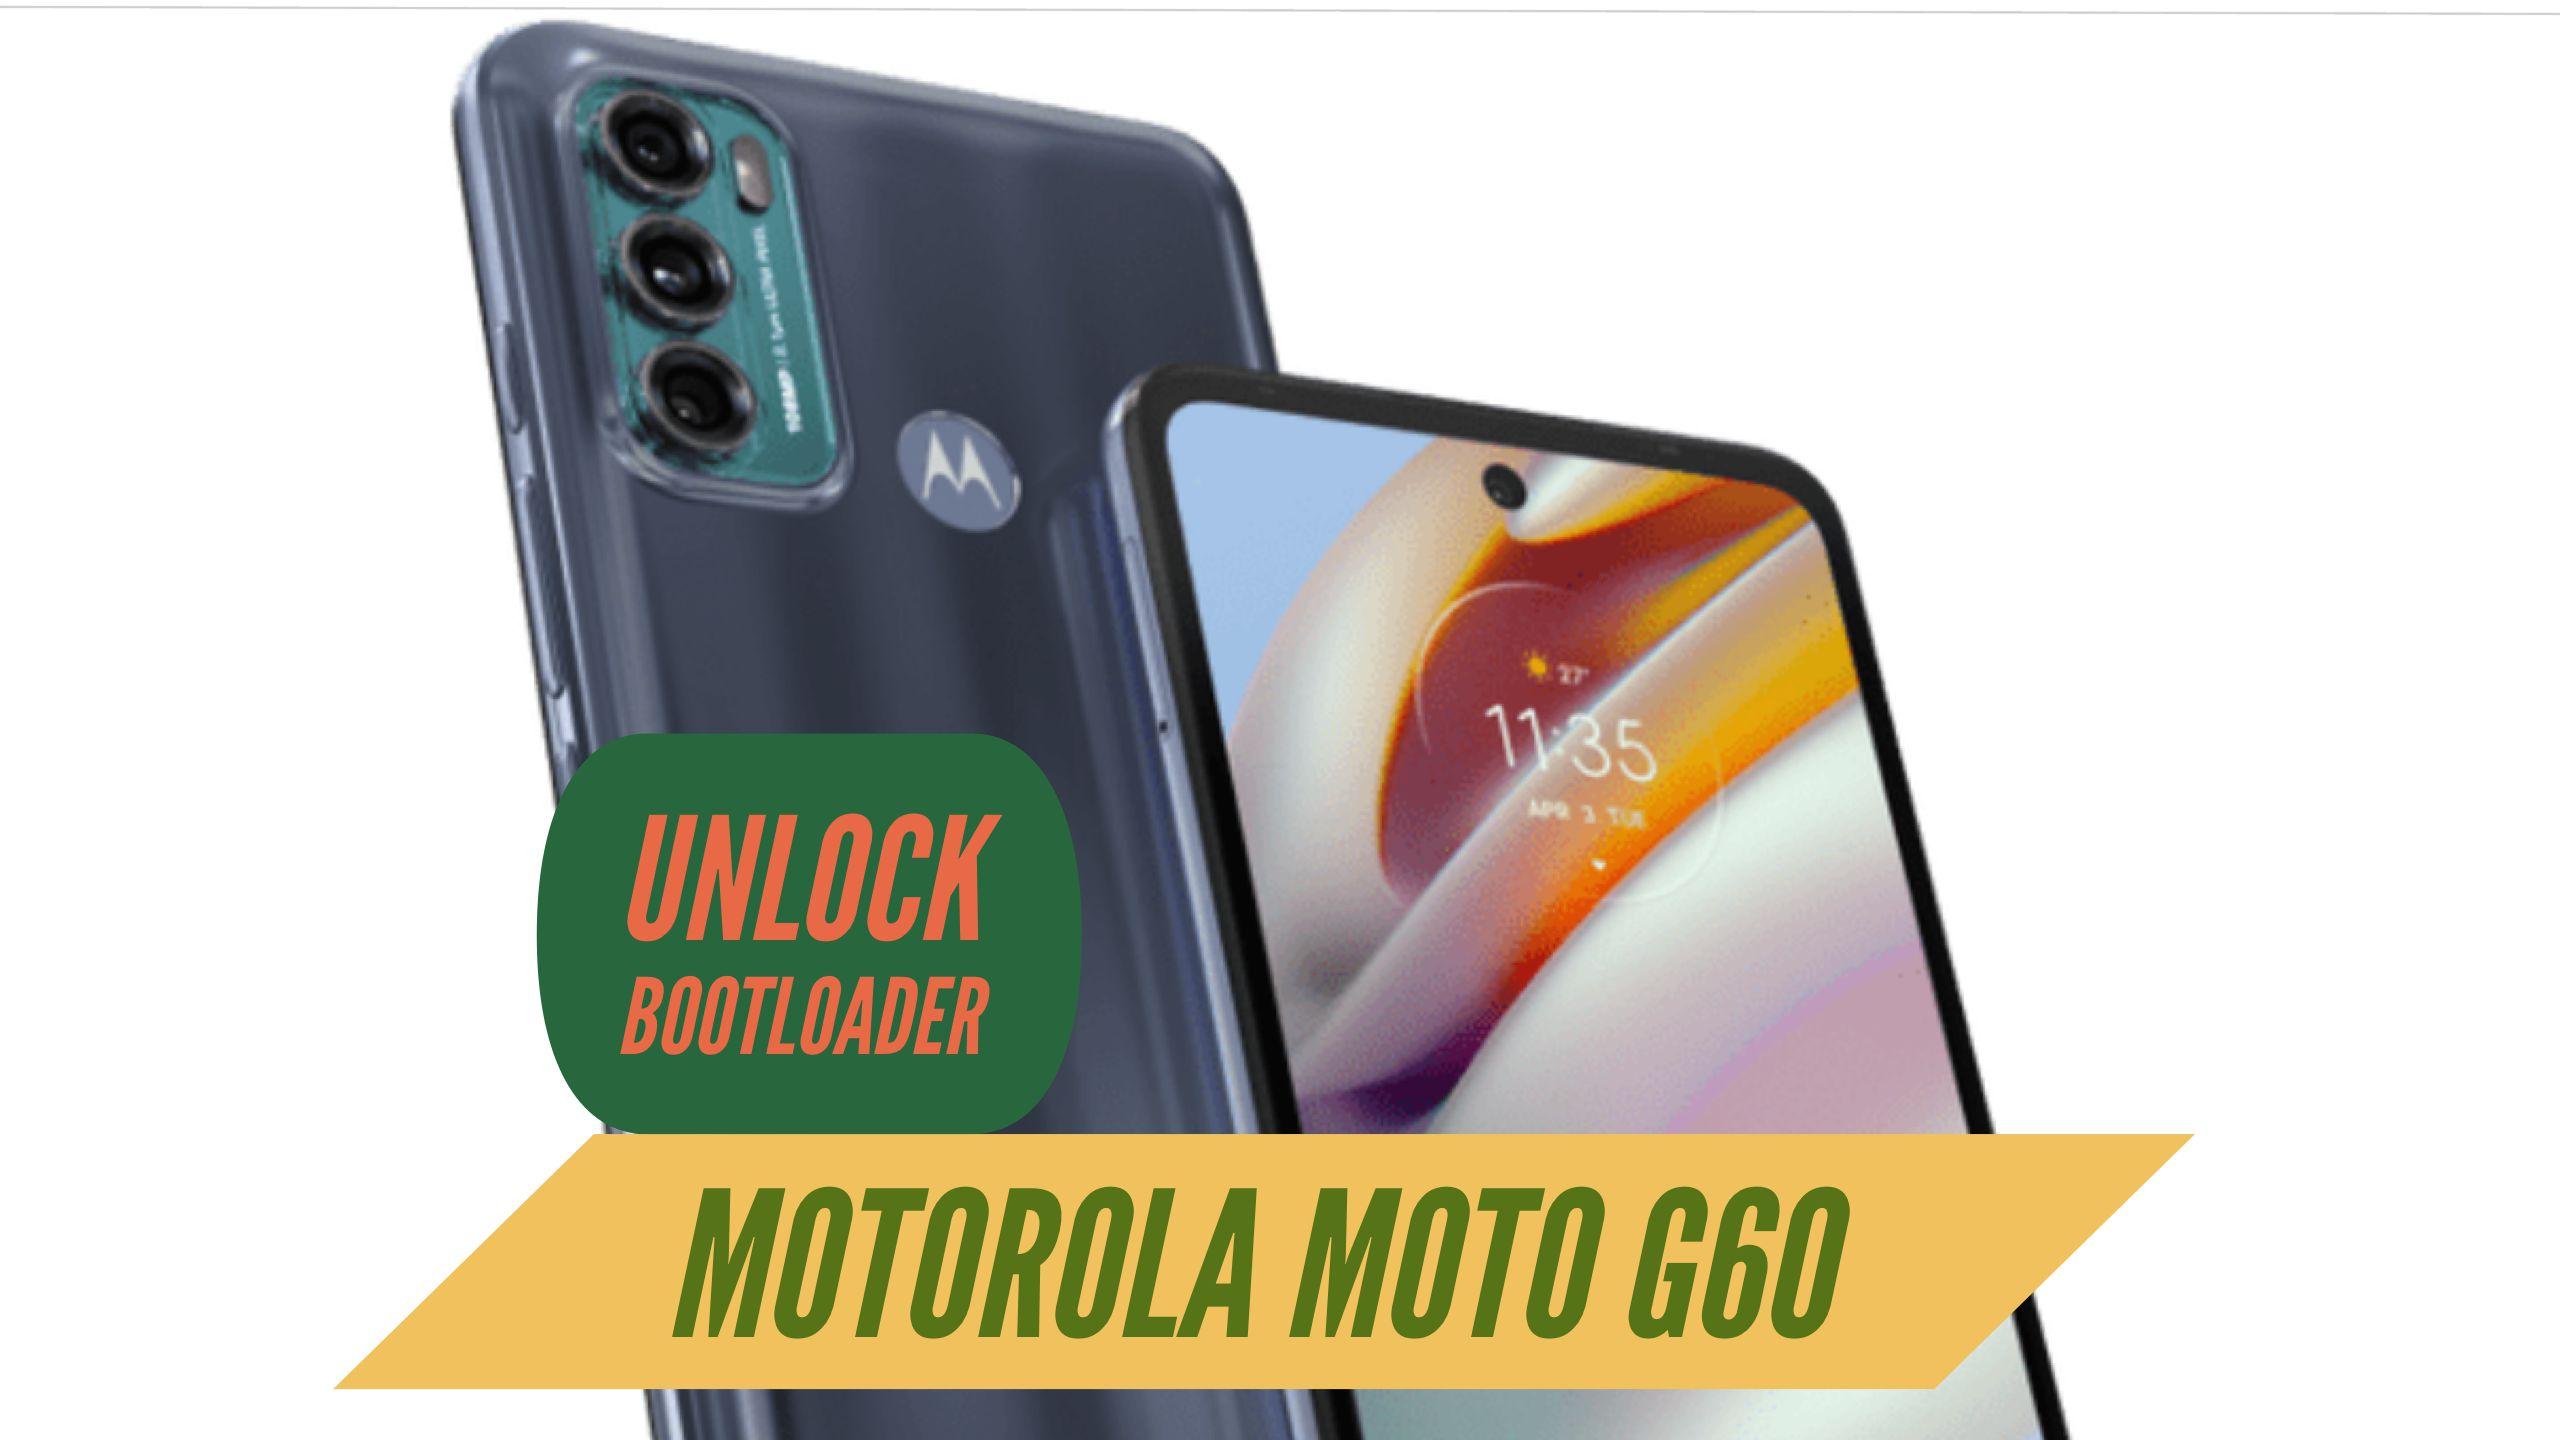 Unlock Bootloader Motorola Moto G60